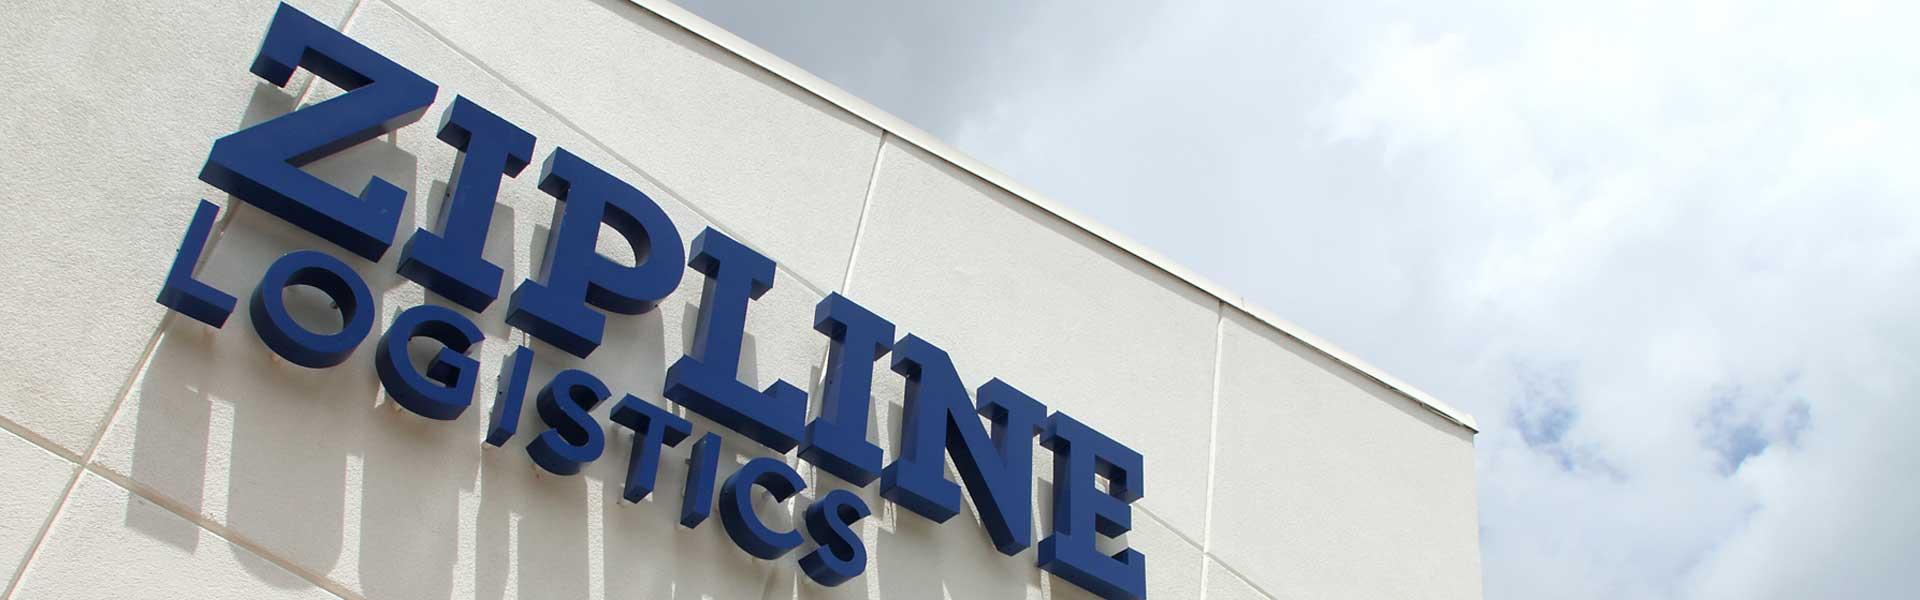 zipline_exterior_sign2